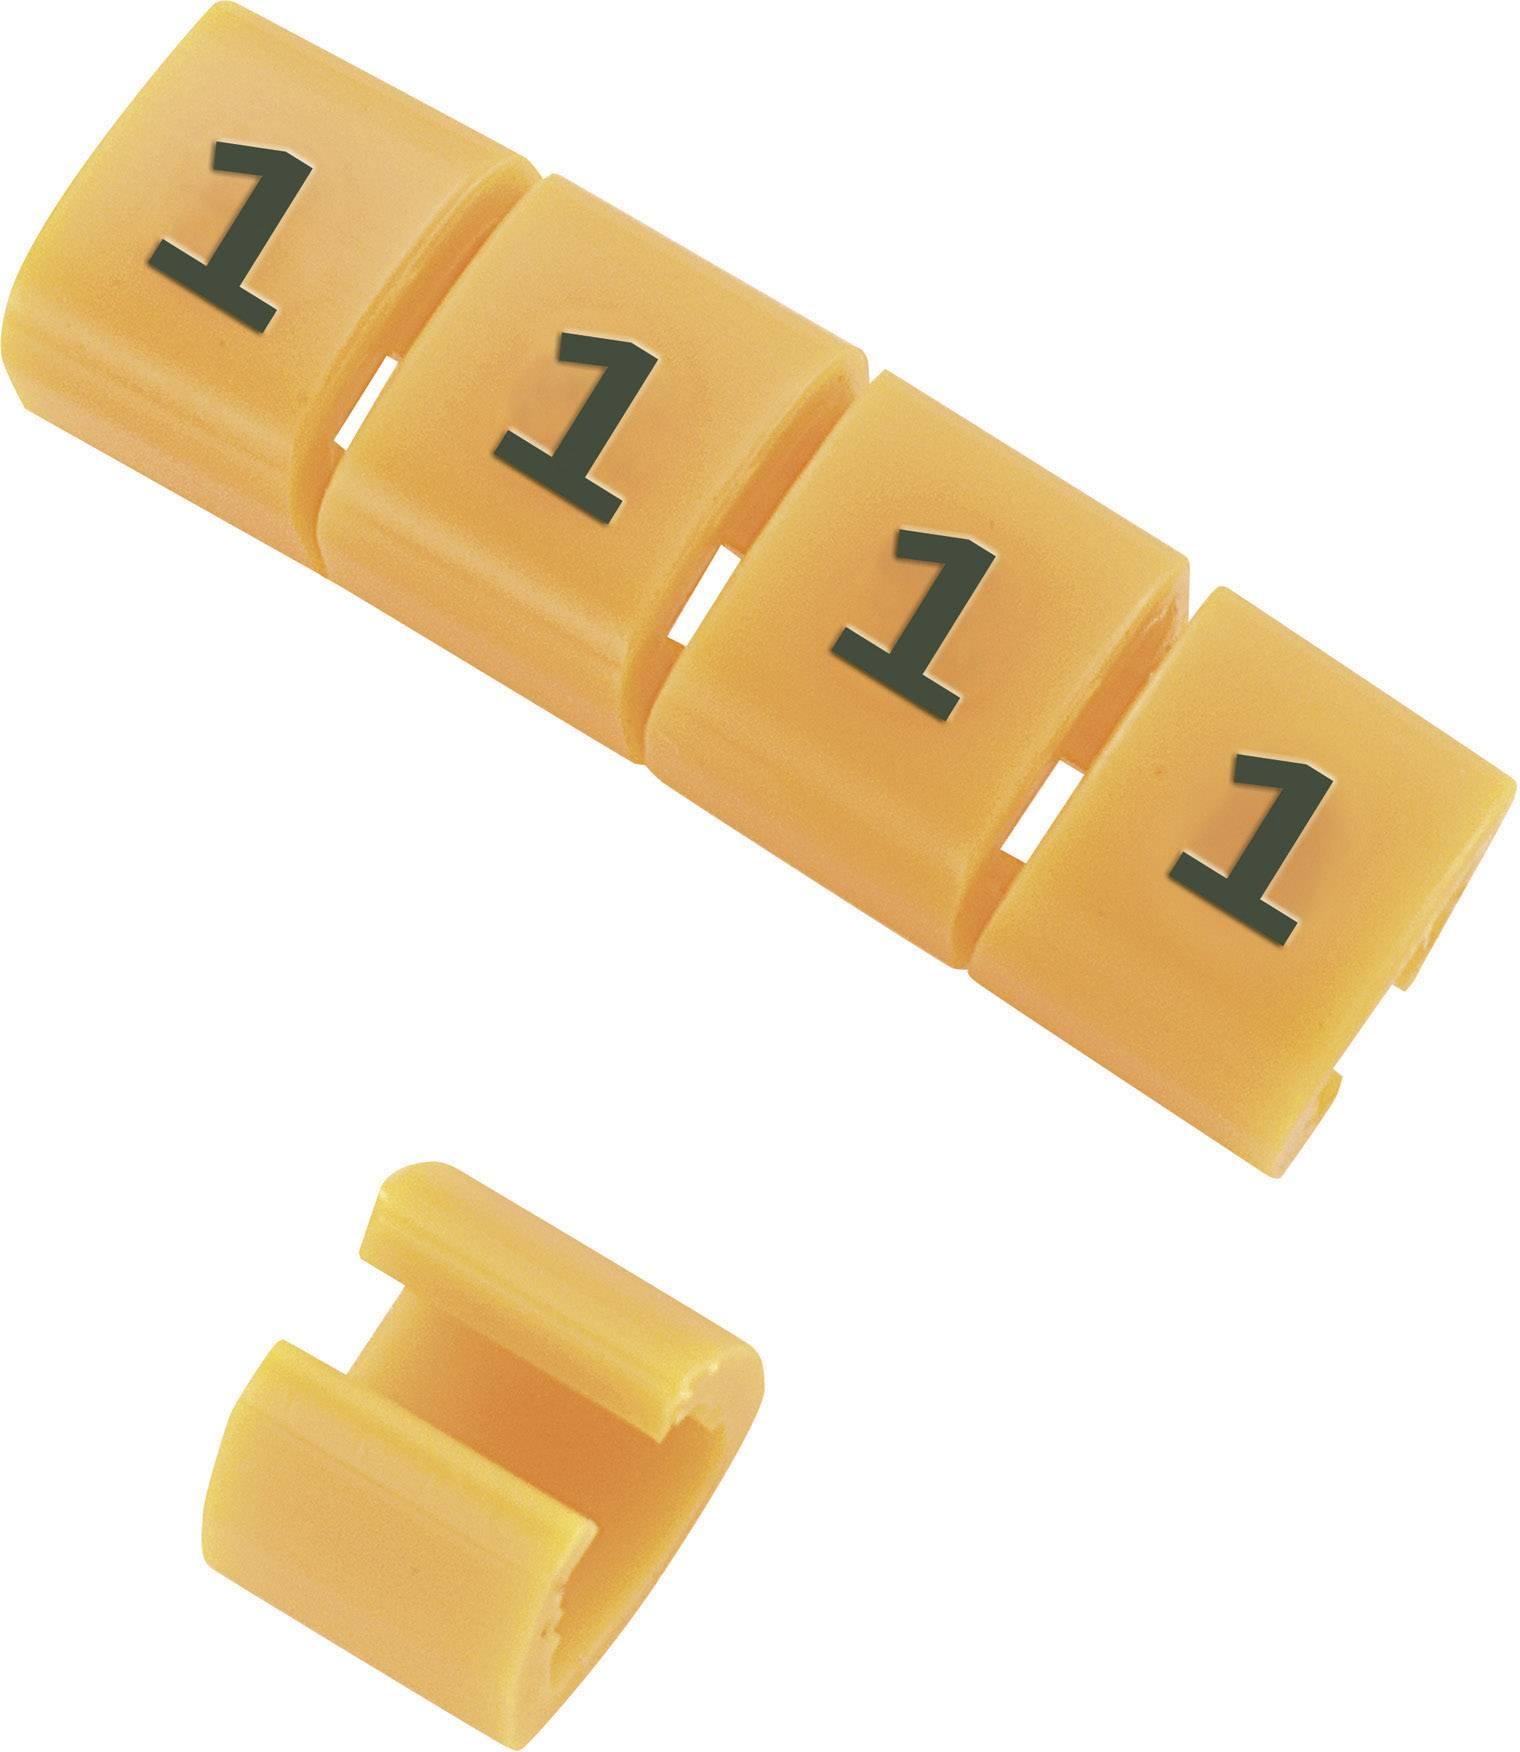 Označovacie objímka na káble KSS MB2/1, oranžová, 10 ks